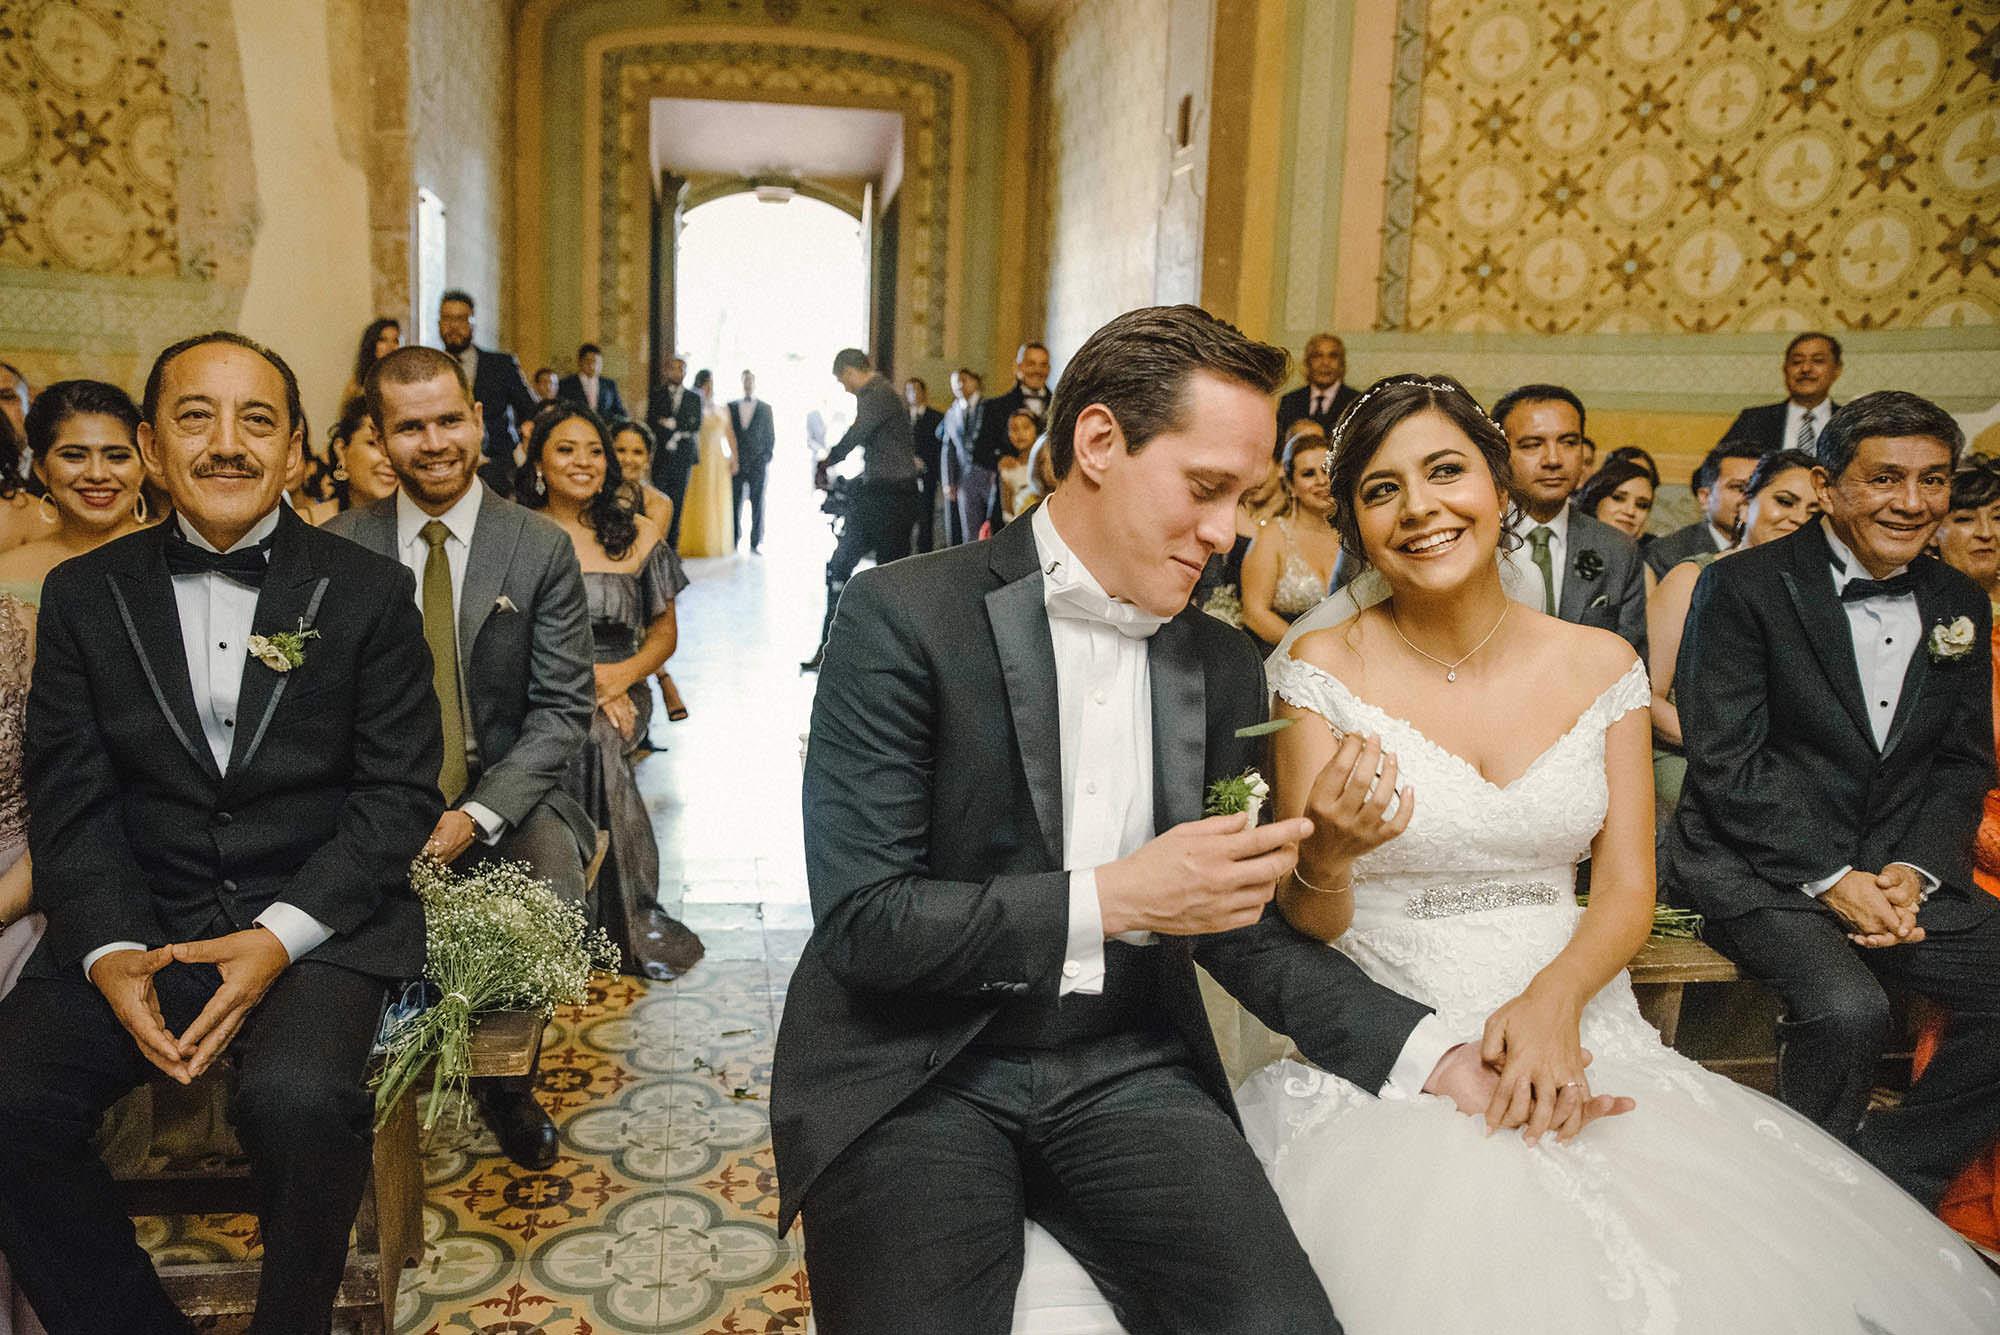 Boda Queretaro hacienda wedding planner magali espinosa fotografo 24-WEB.jpg